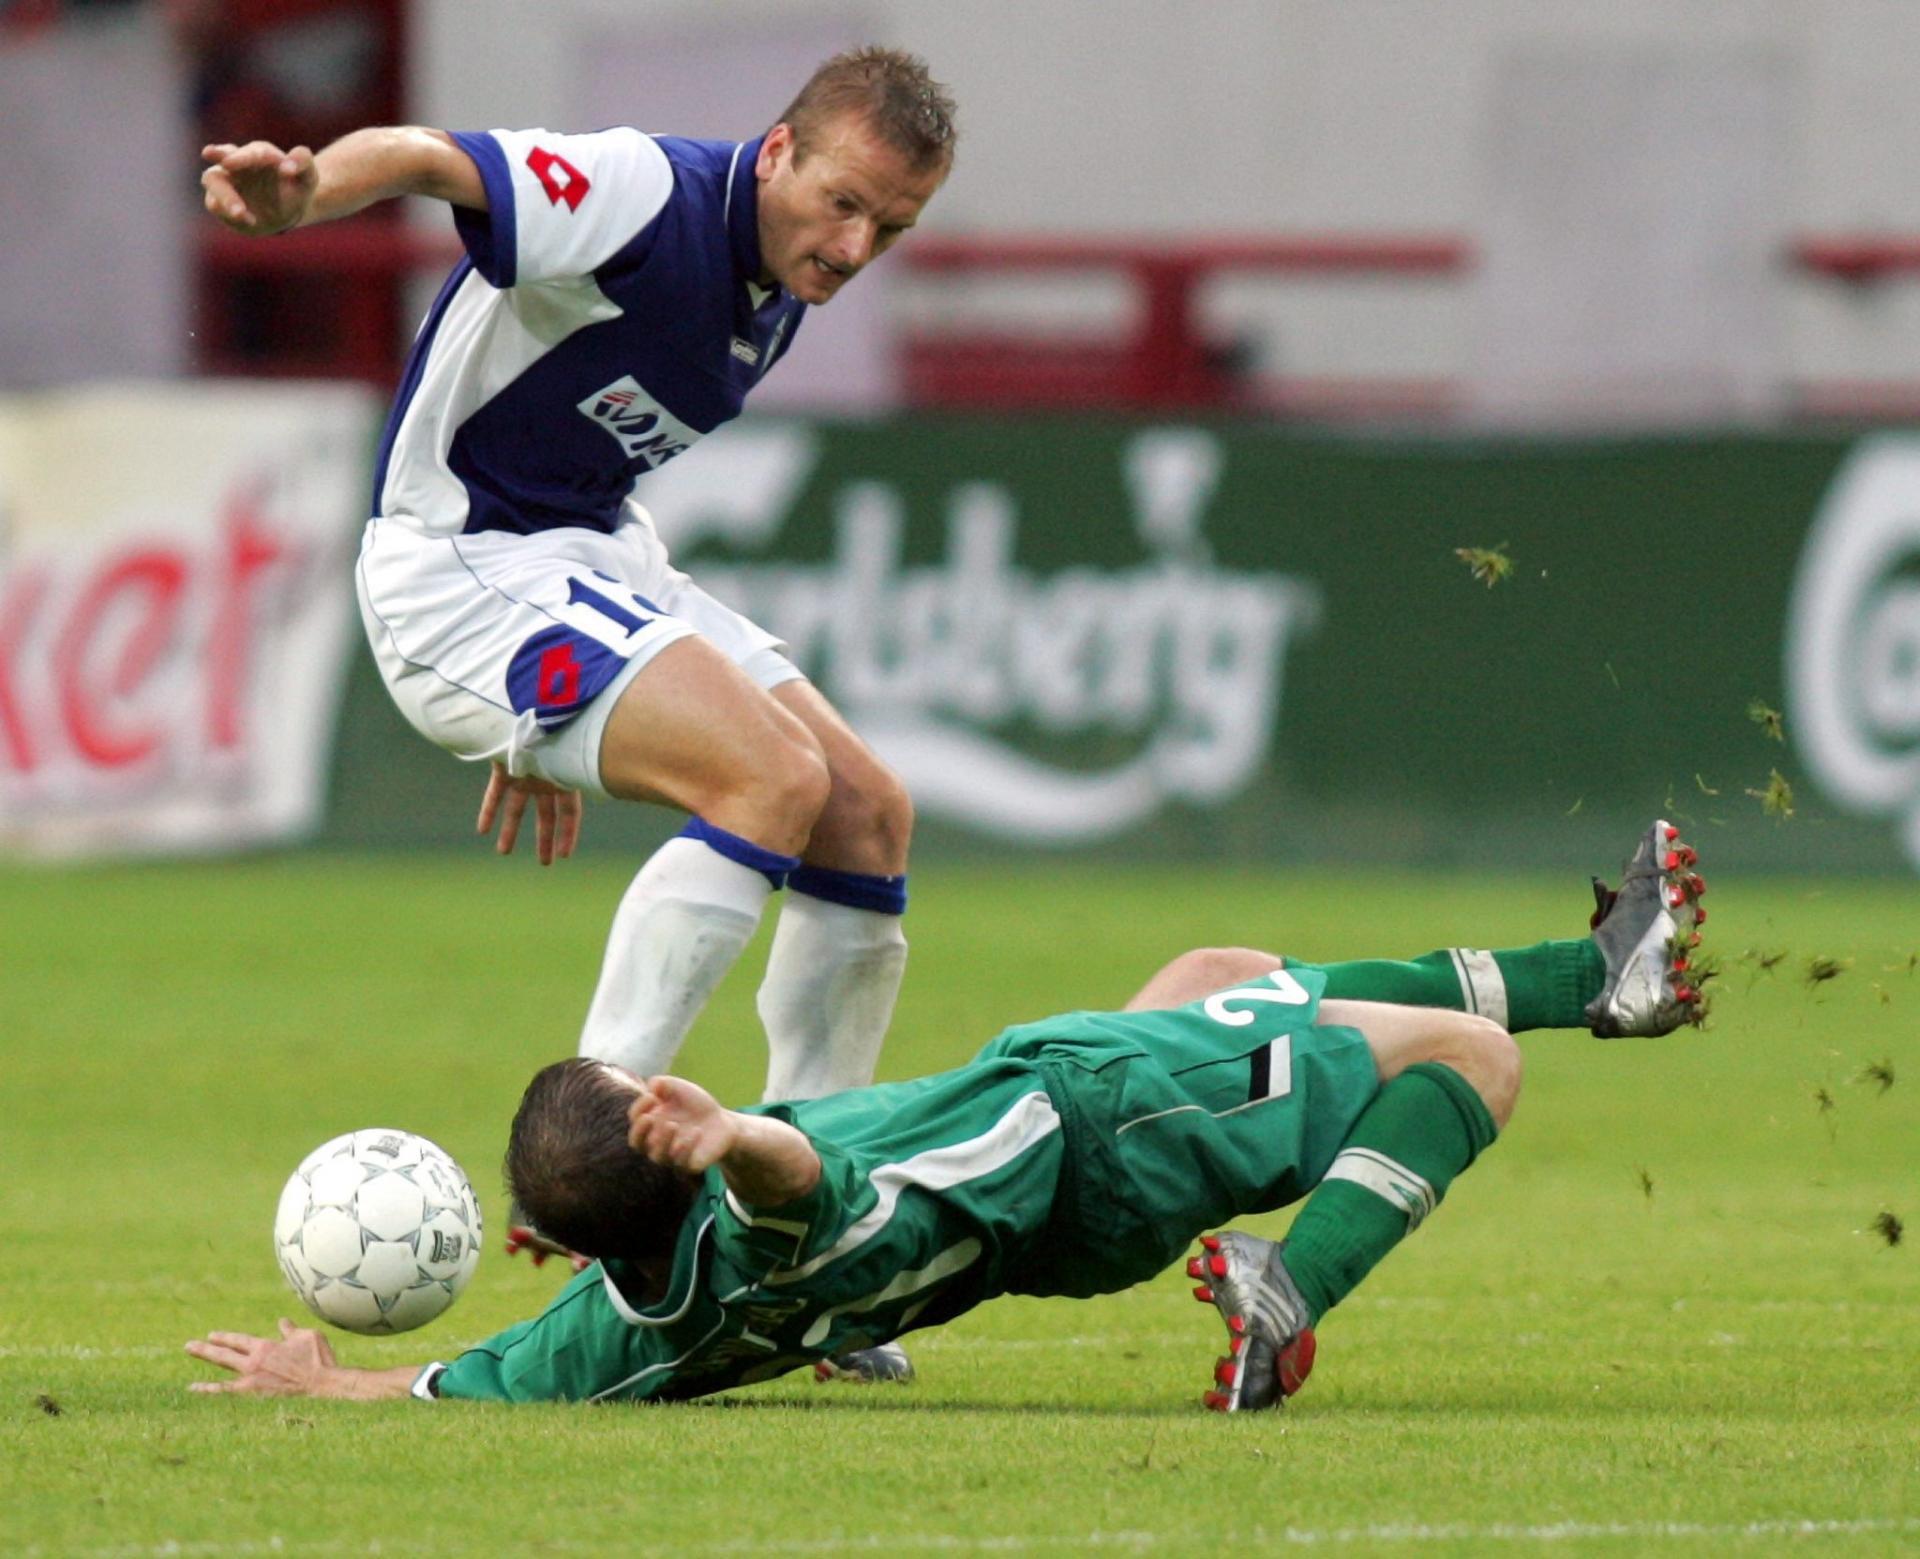 Terek Grozny - Lech Poznań 1:0 (12.08.2004)